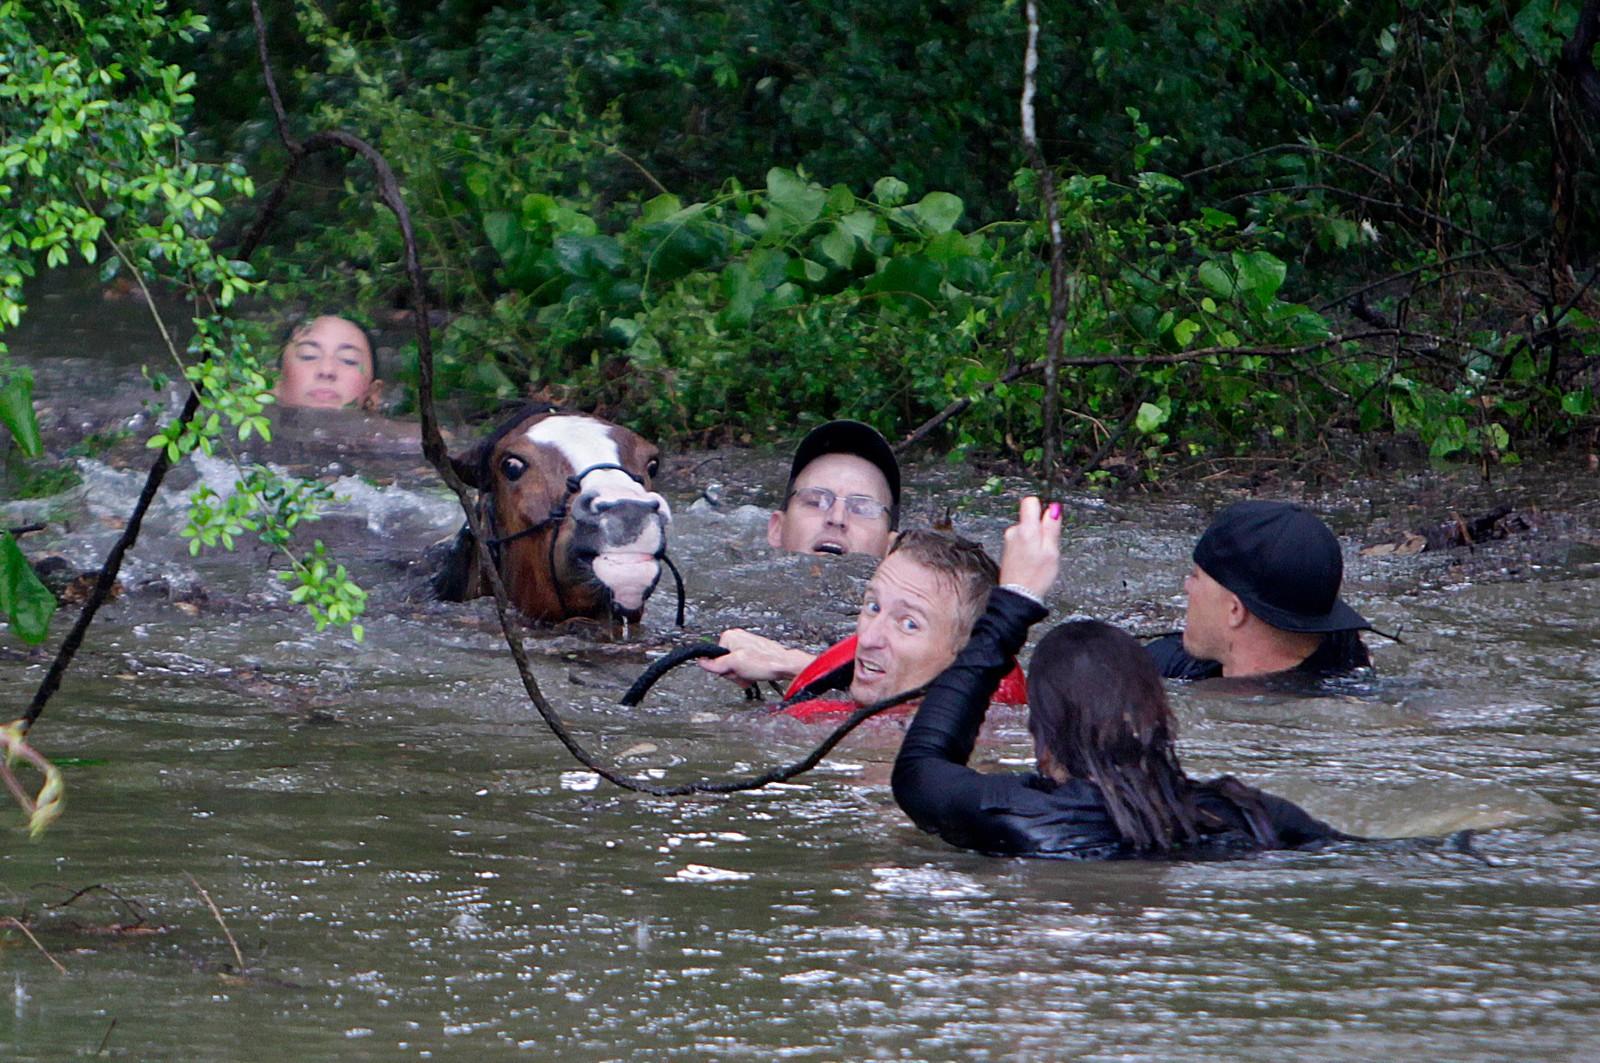 Justin Nelzen (i rød vest) var en av de som kjempet en dramatisk kamp for å redde rundt 70 hester fra de enorme vannmengdene som rammet Houston-området i USA denne uka. Flere tusen er uten strøm, og veier og skoler er stengt etter intens nedbør.